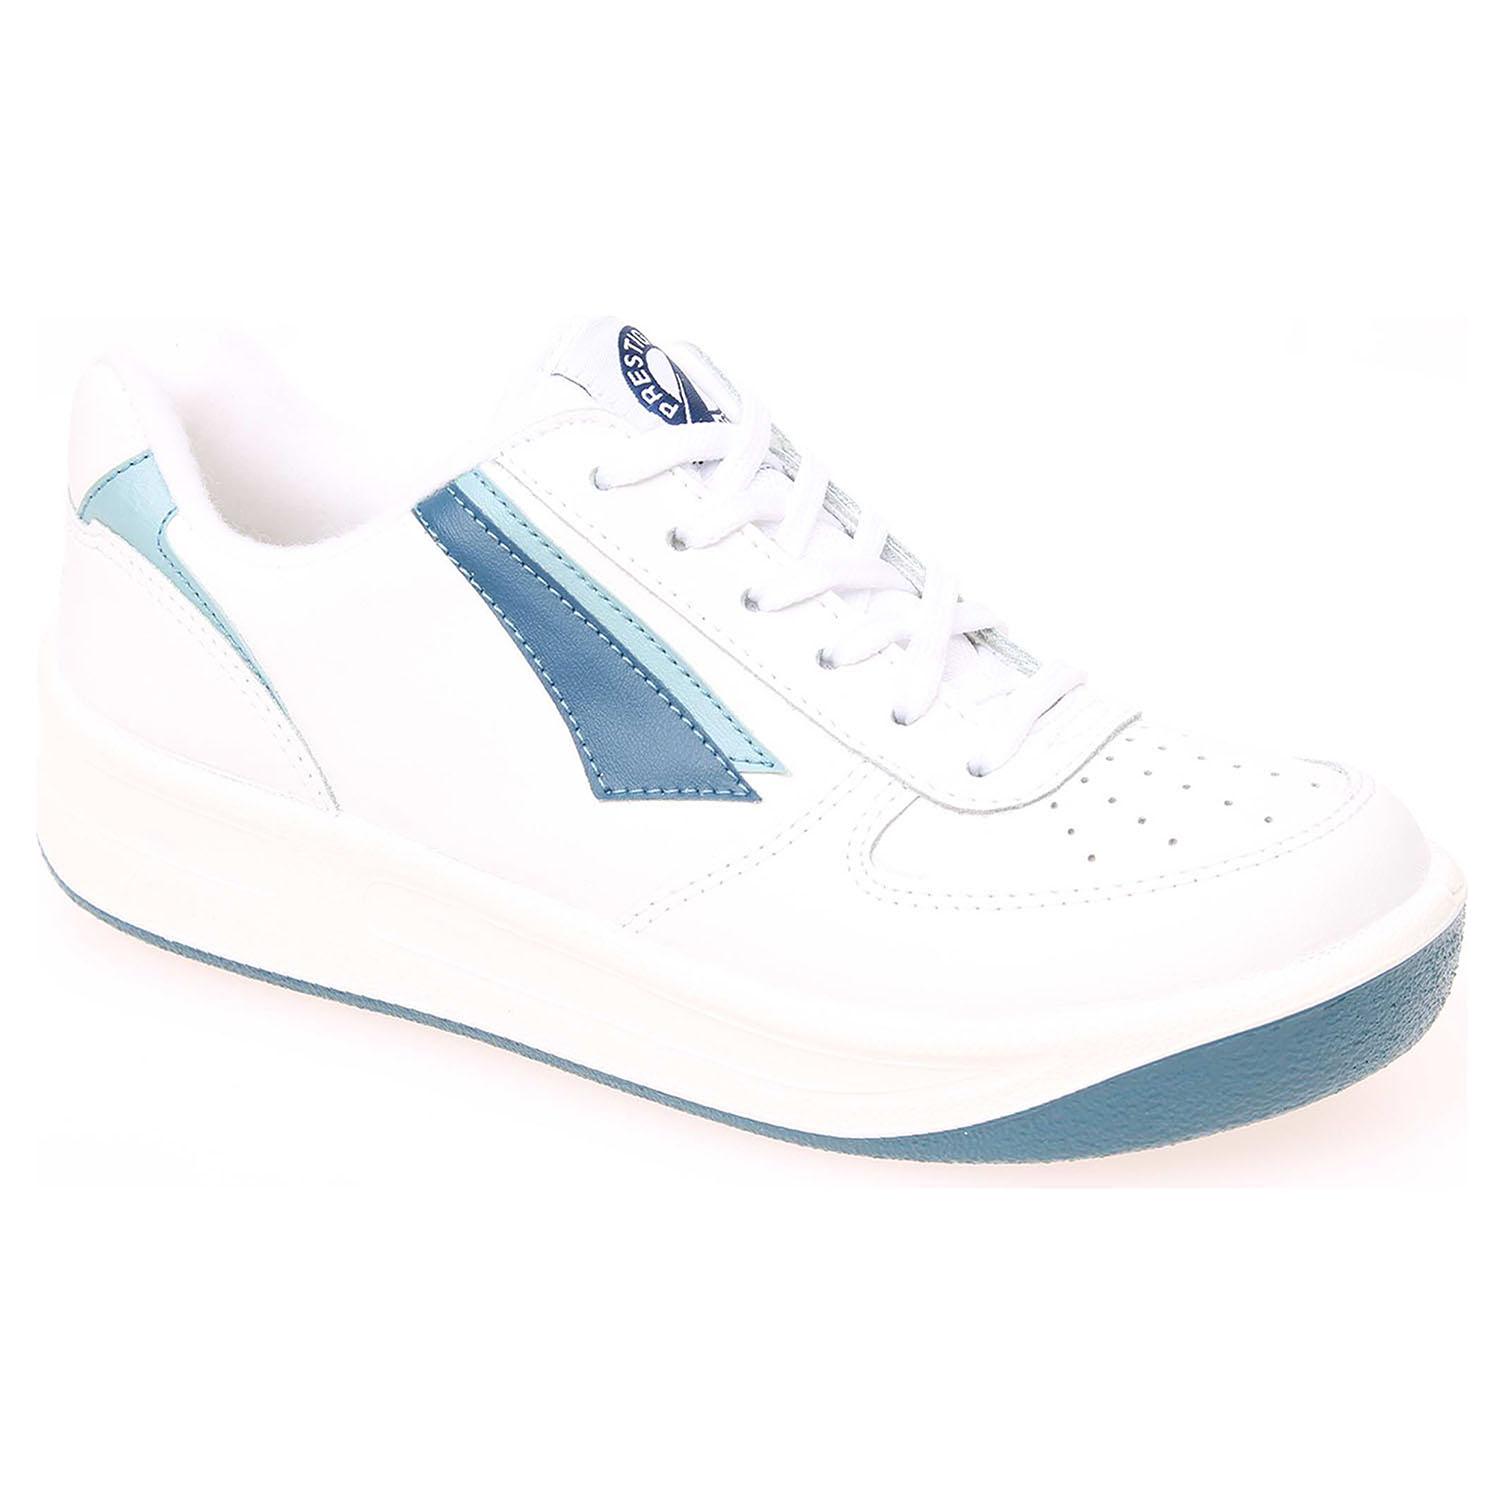 Dámská sportovní obuv Prestige 86808-10 bílá 86808-10 bílá 36